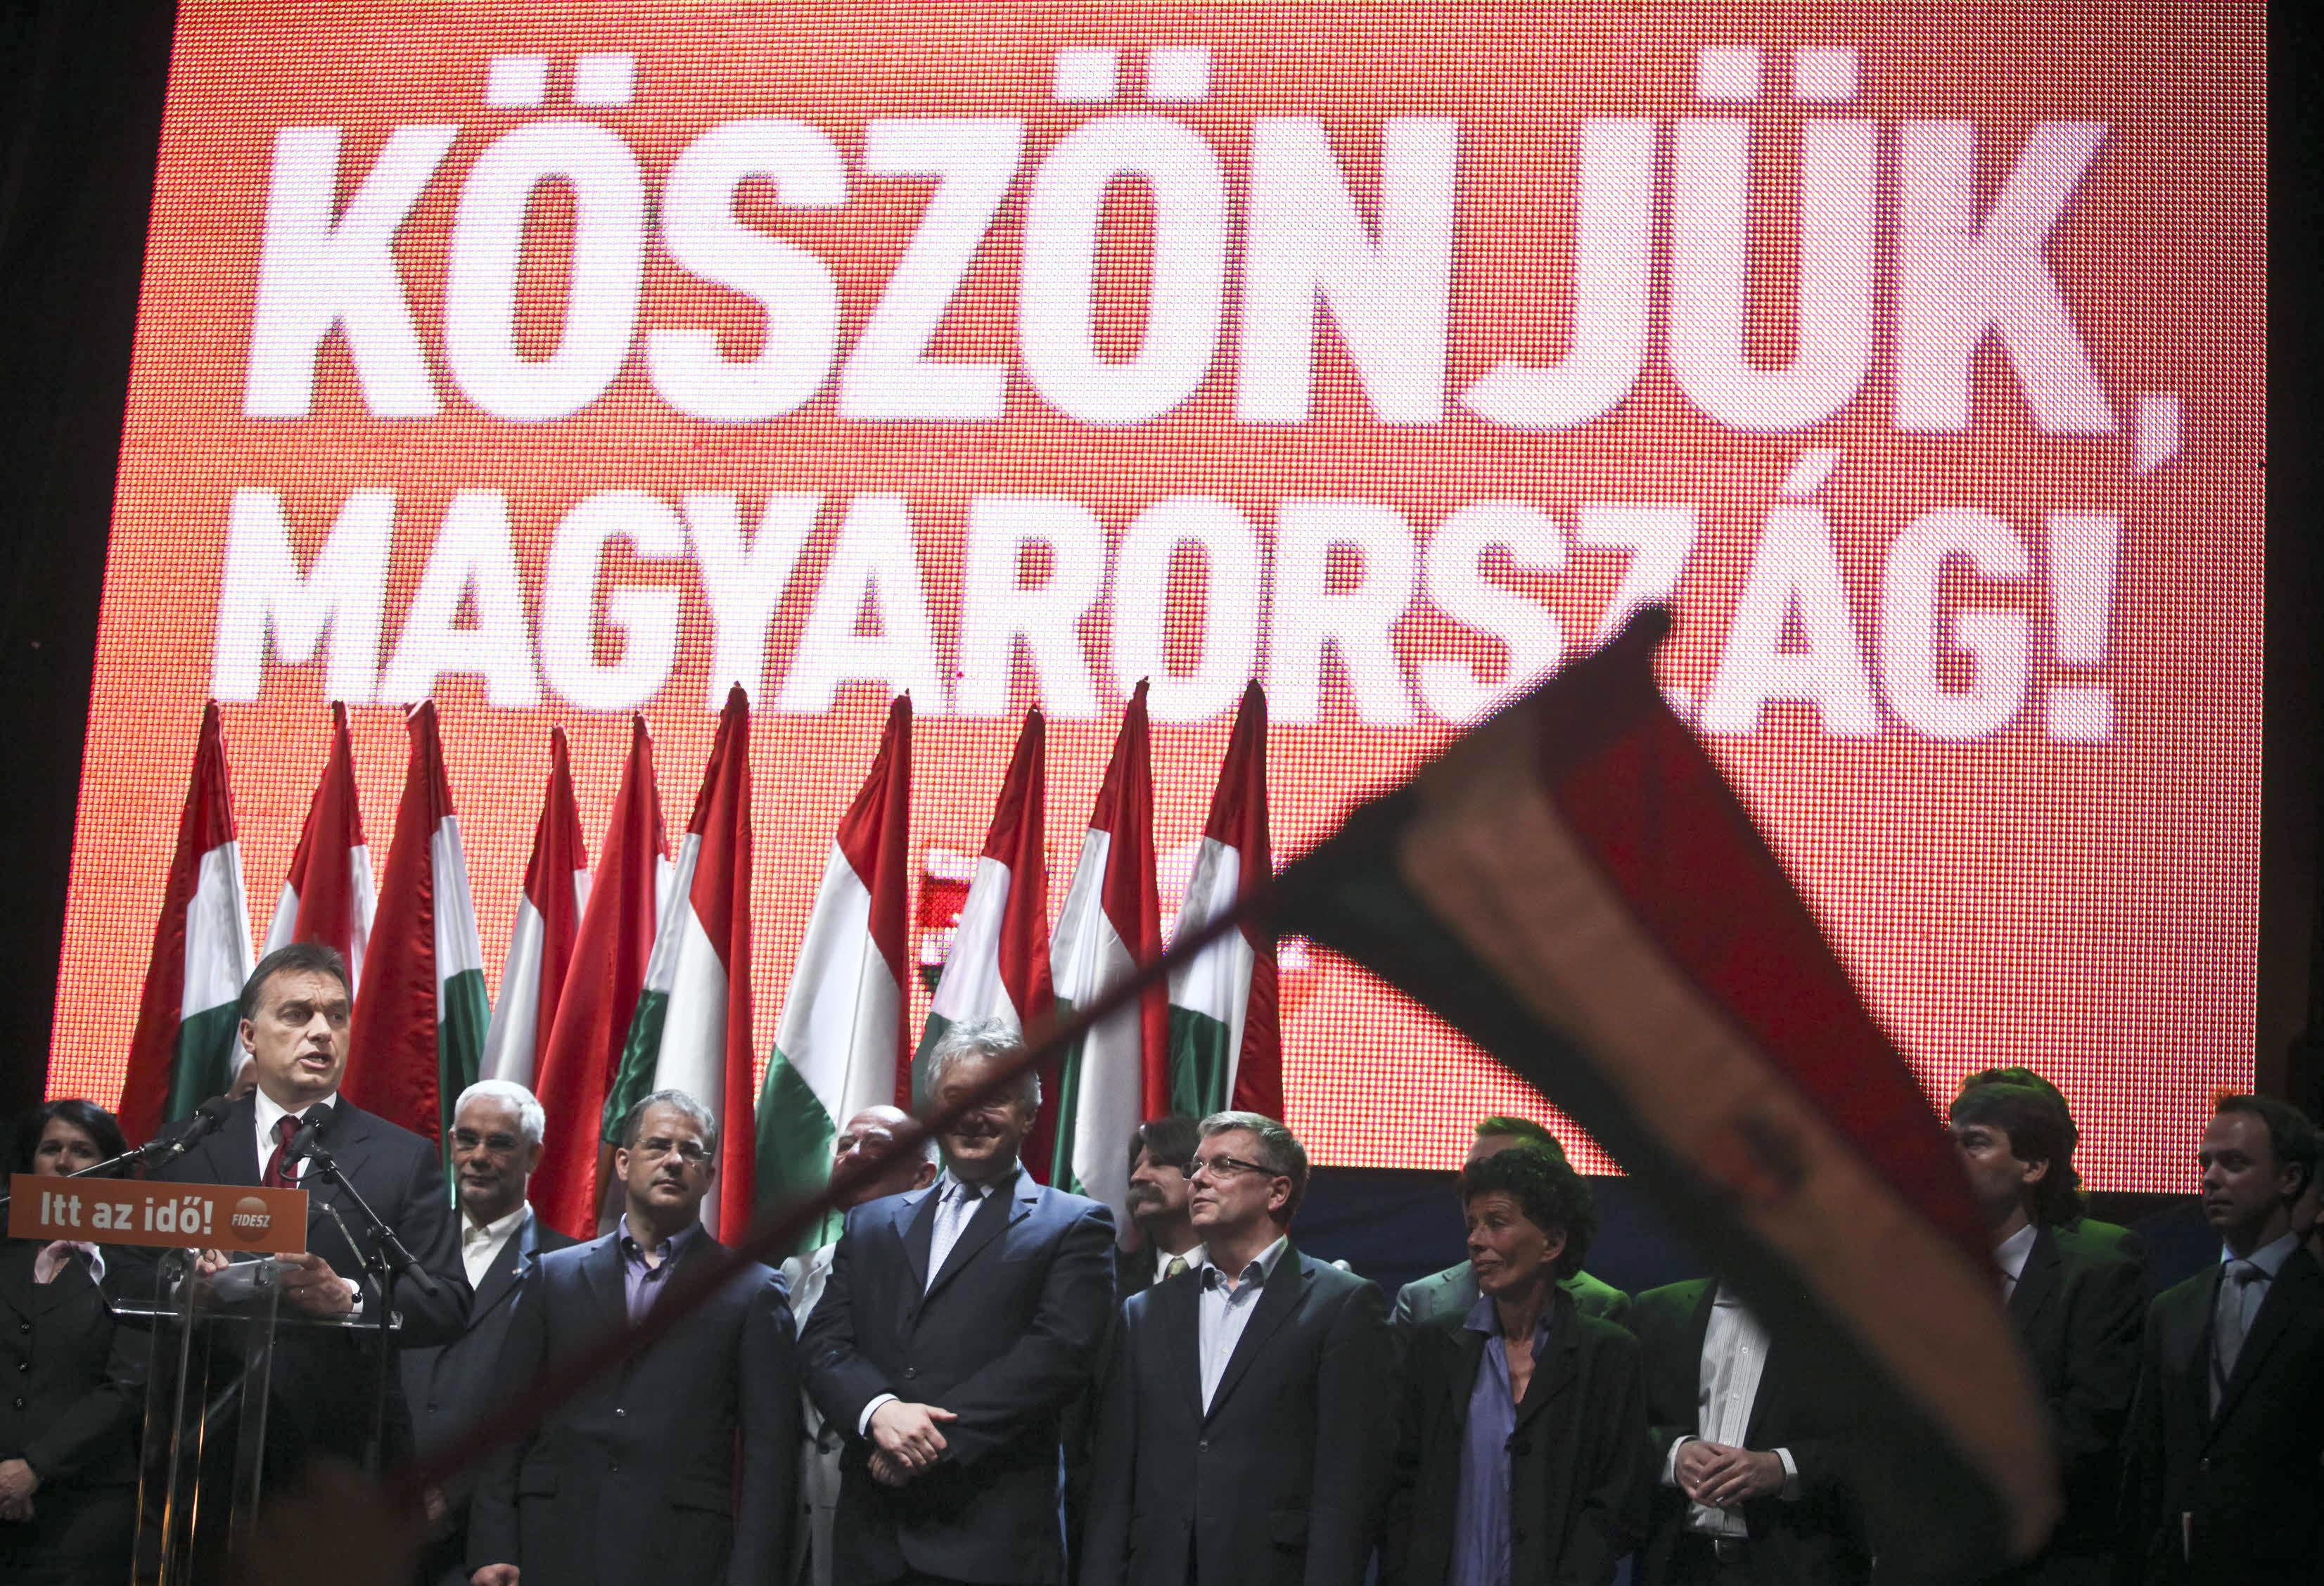 24.hu: A Fidesz a 2010-es plakátköltései harmadát vallotta be